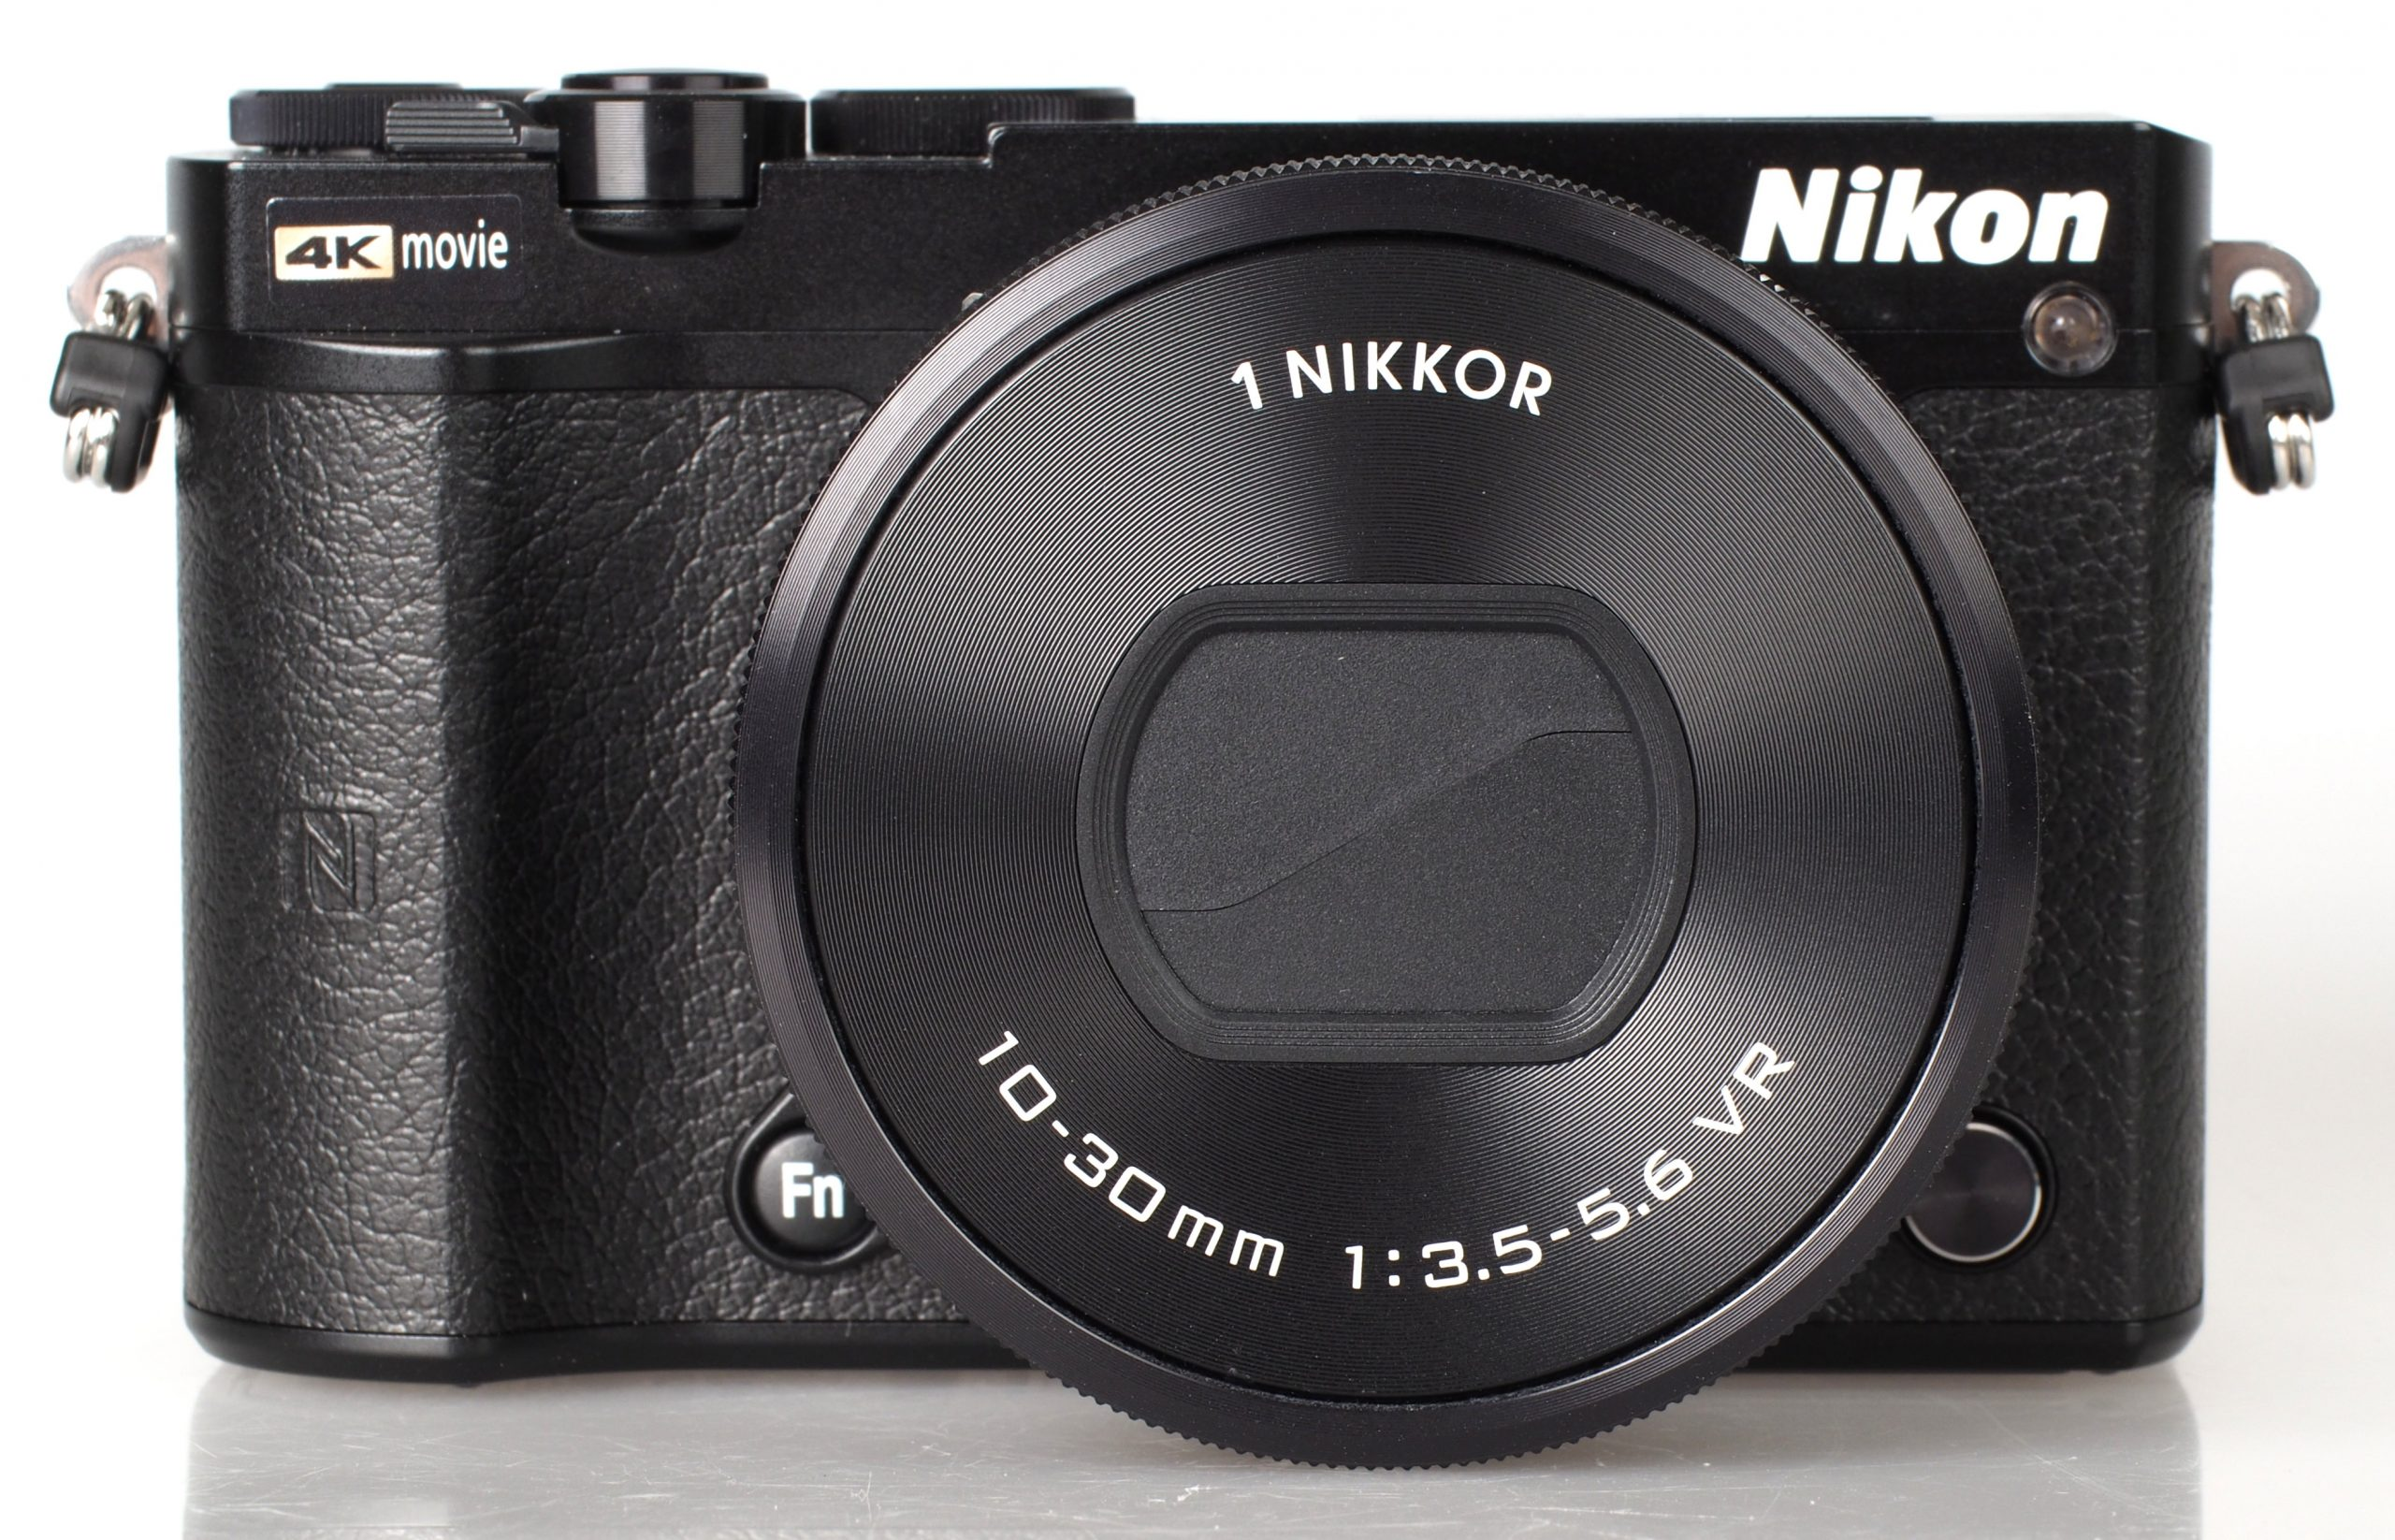 Nikon1 J5 Kamera murah terbaik 2021